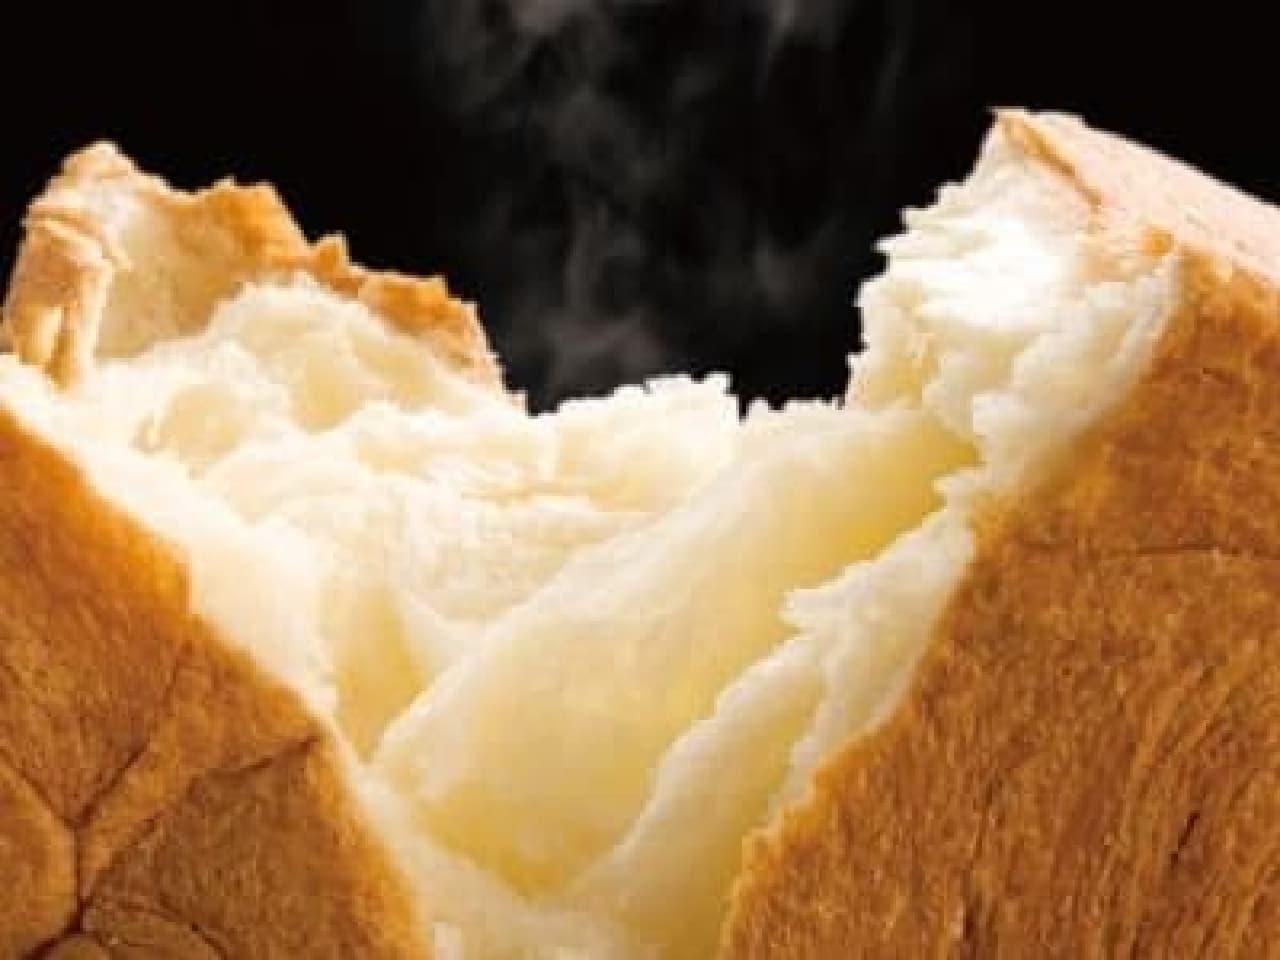 サクサクふわふわのデニッシュ食パン「ミヤビ」